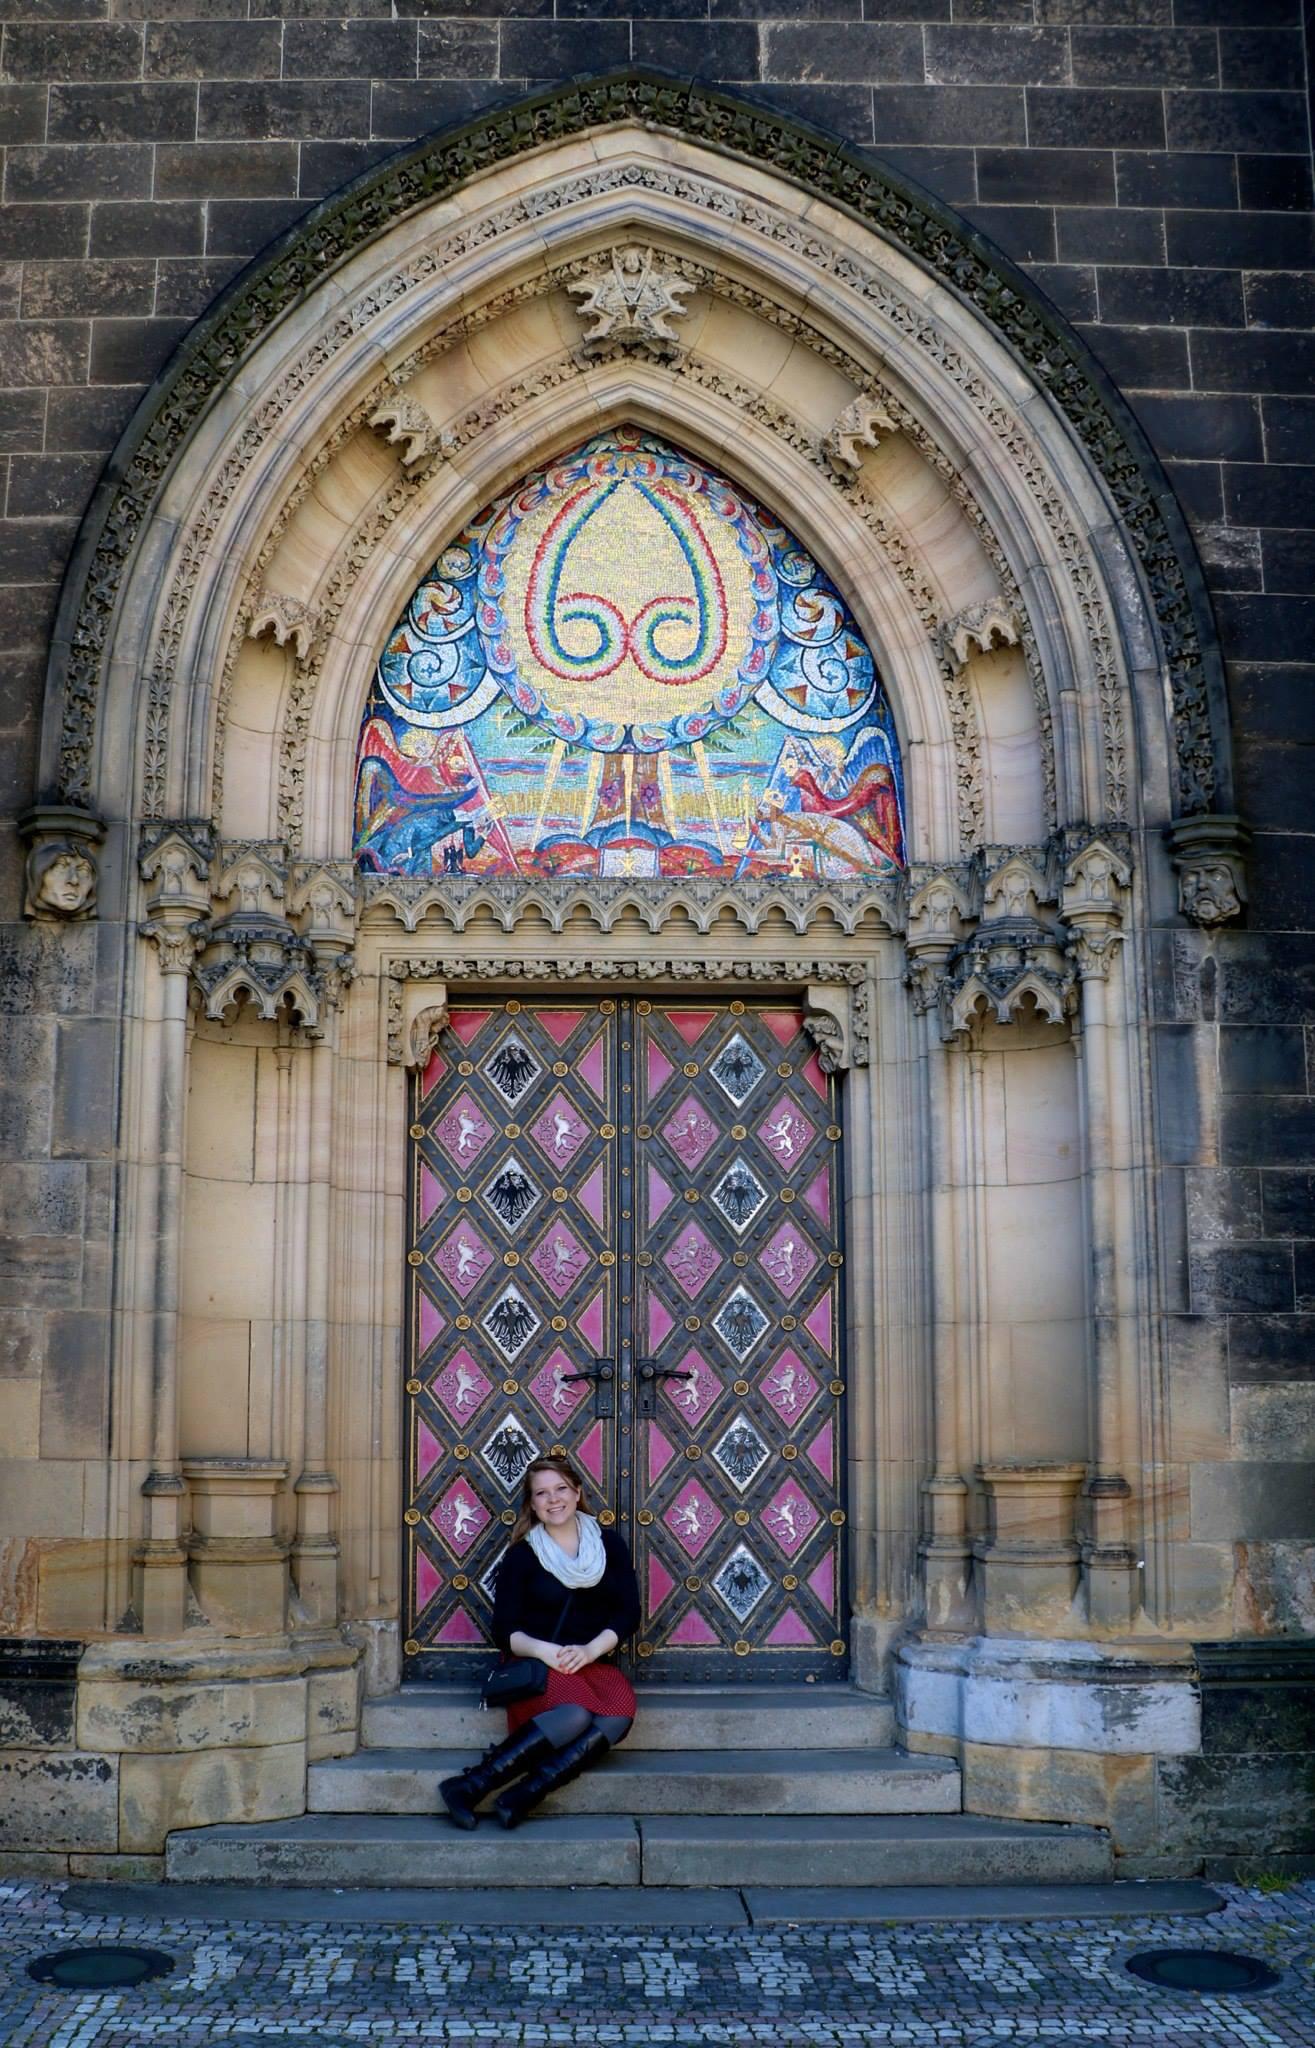 Brooke Prague 2 church door